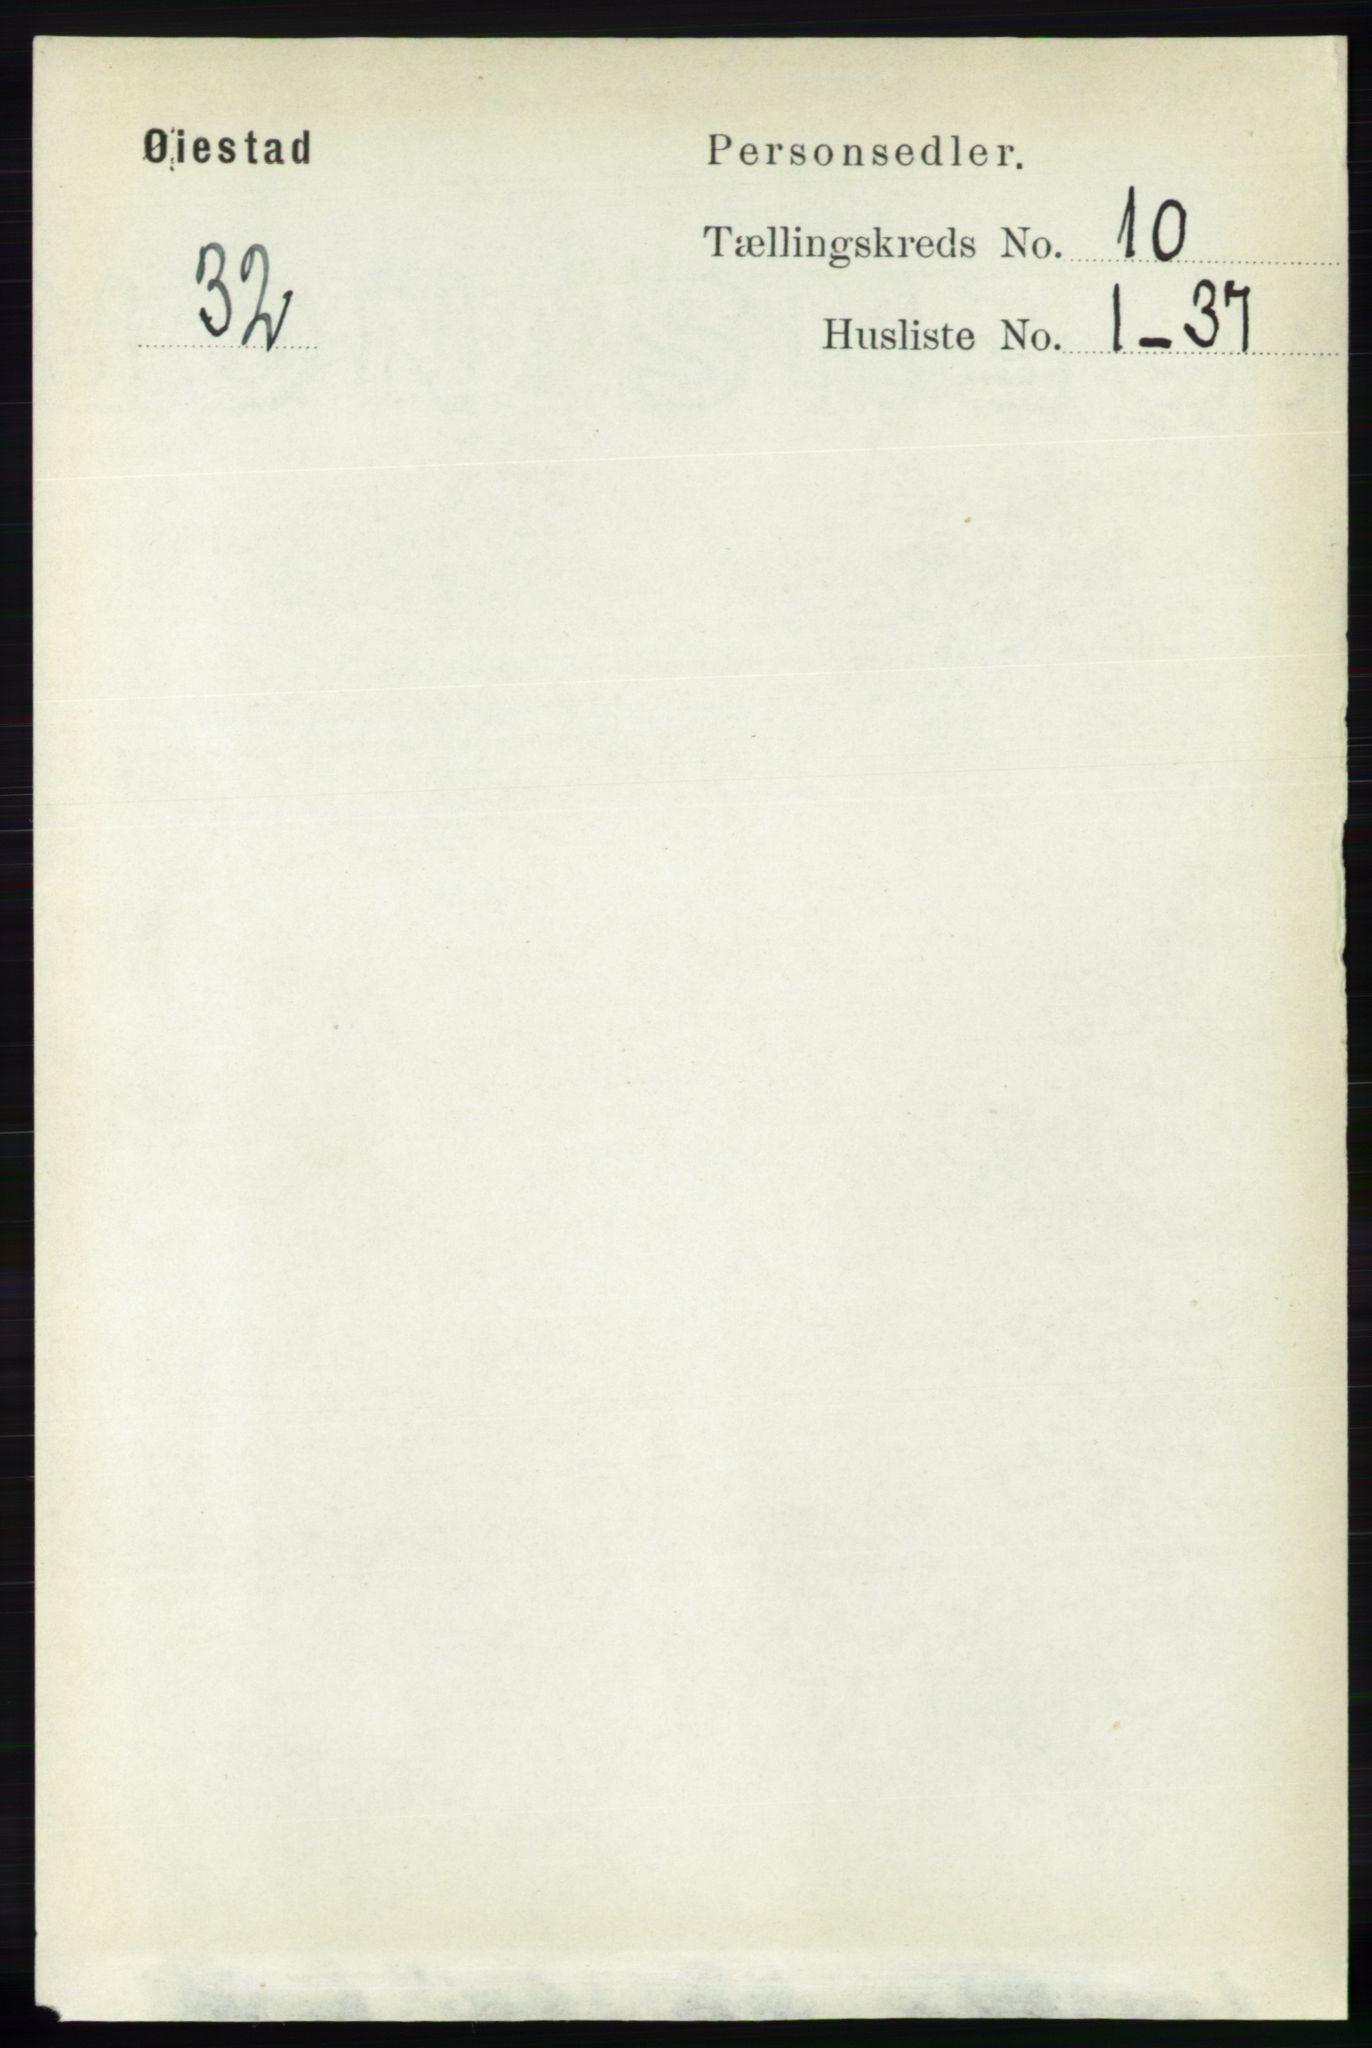 RA, Folketelling 1891 for 0920 Øyestad herred, 1891, s. 4166